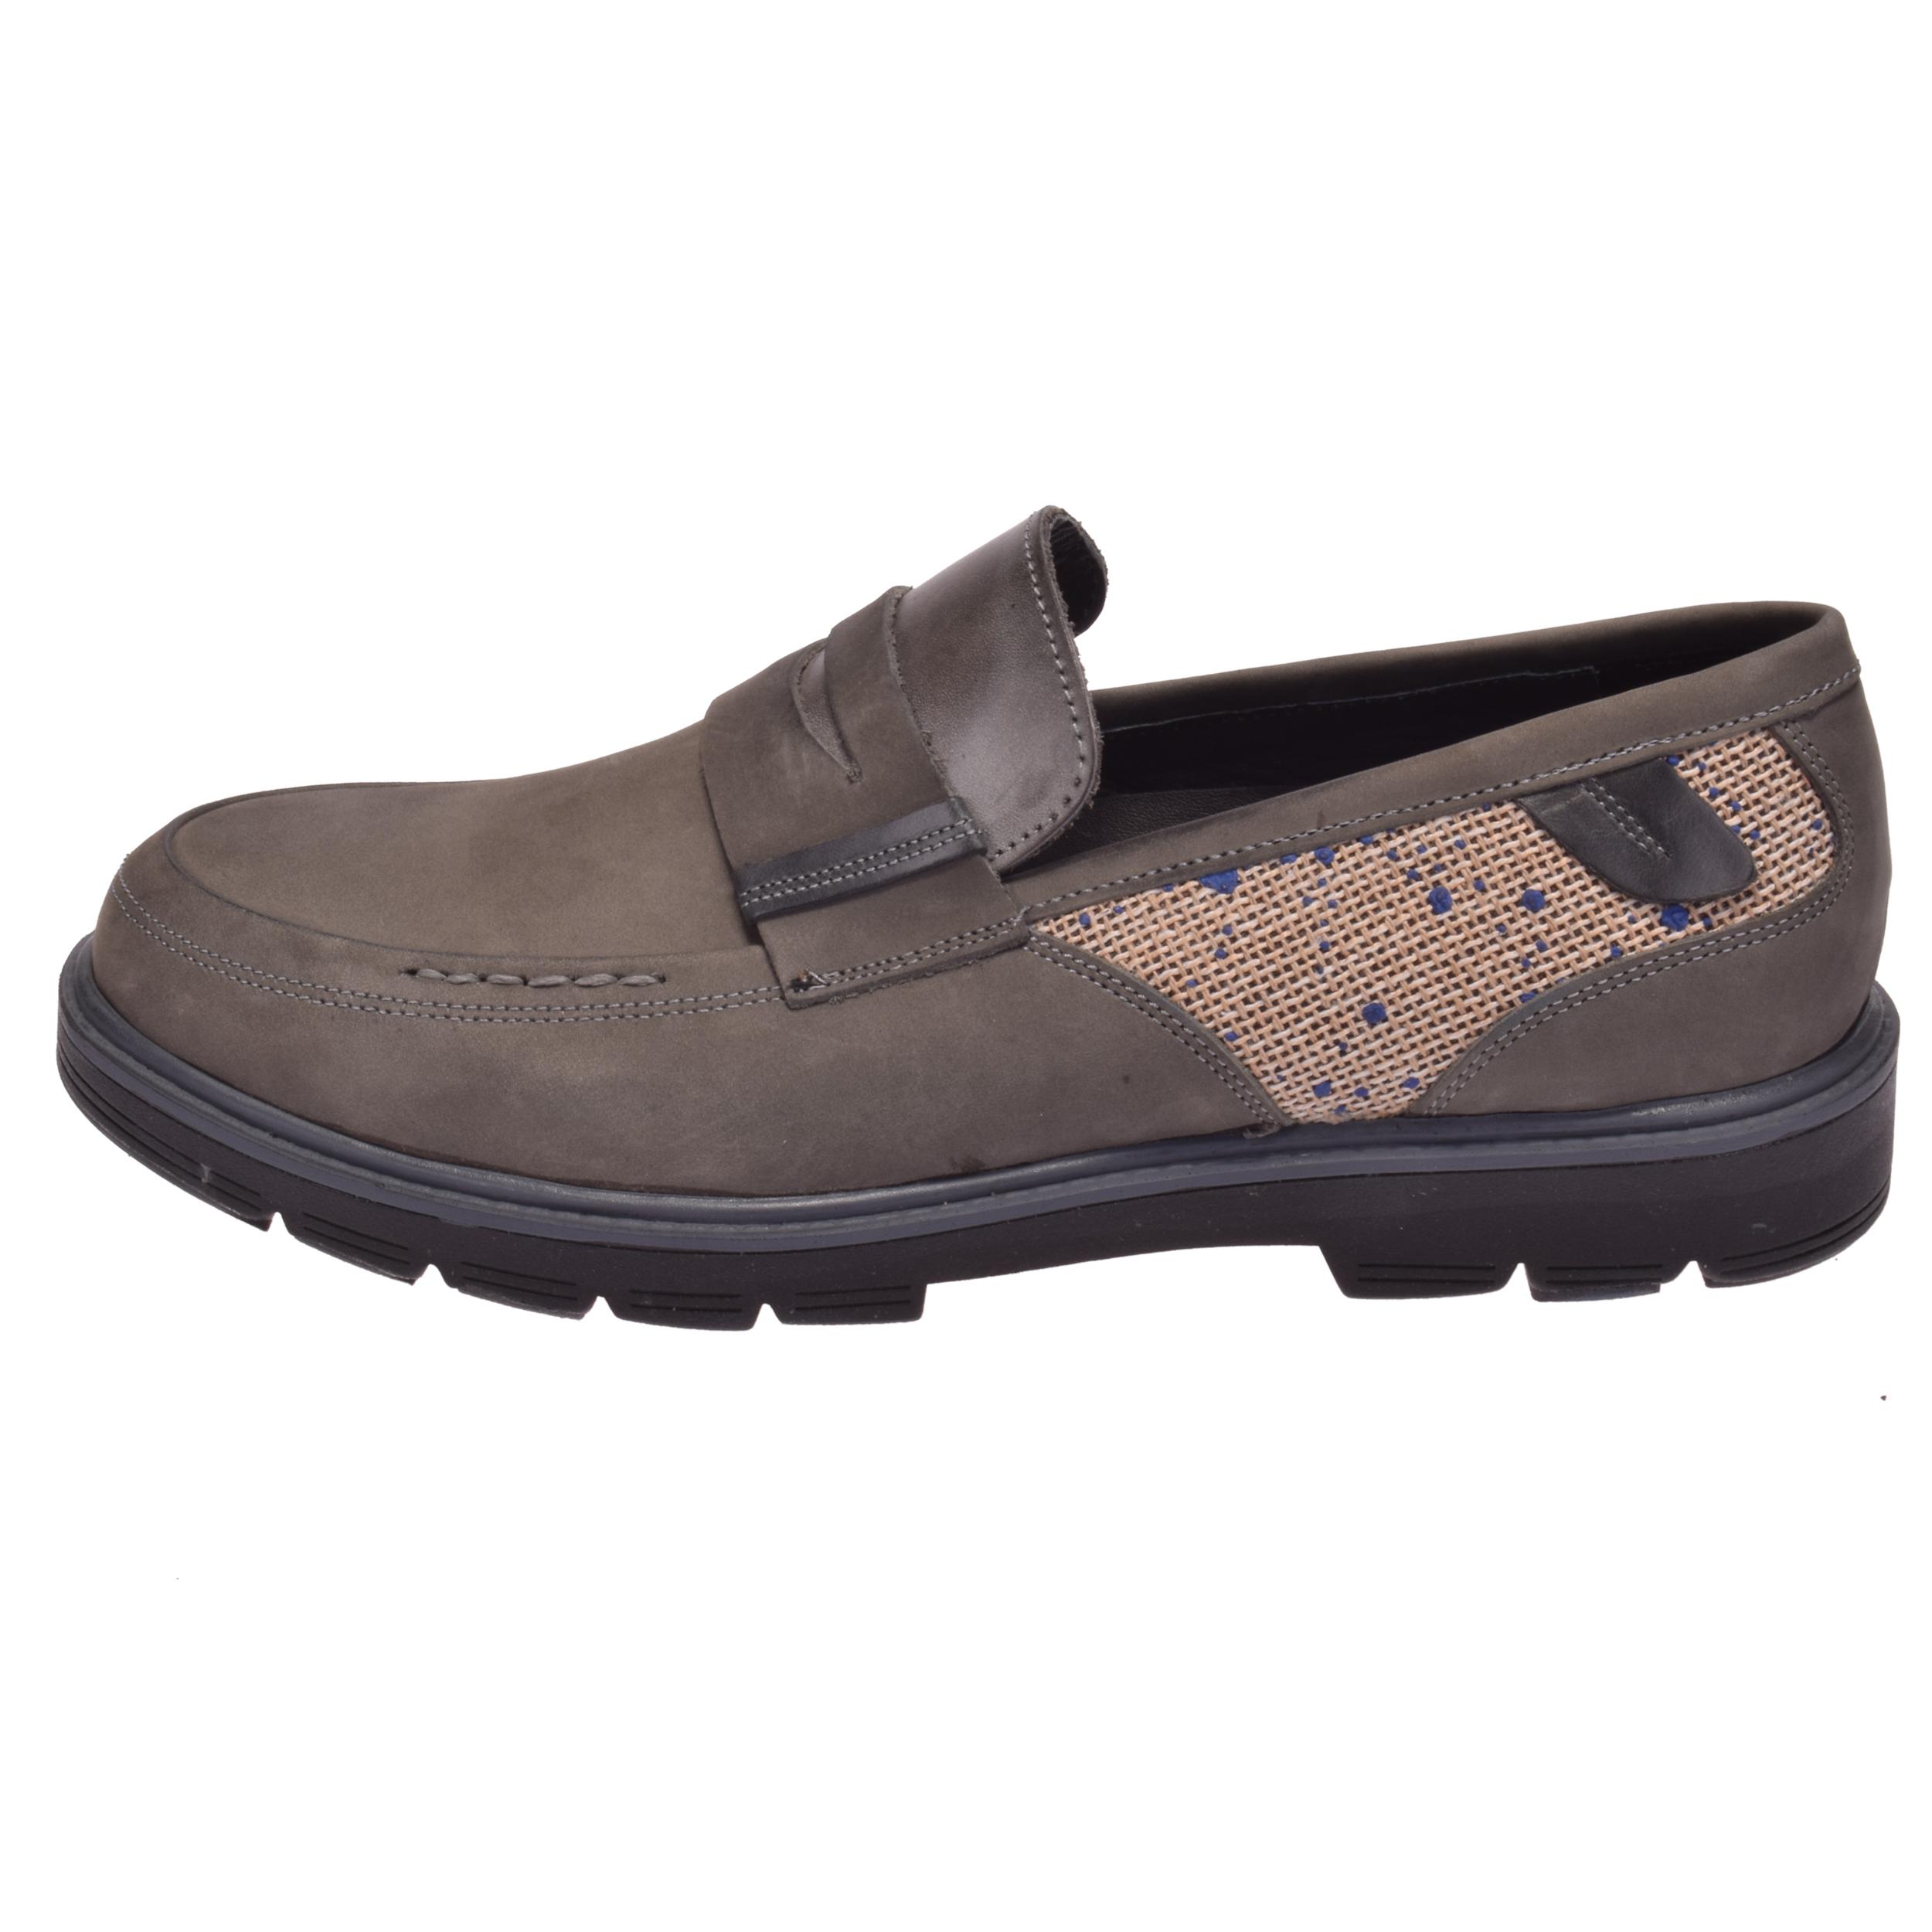 کفش مردانه کد 144 رنگ طوسی